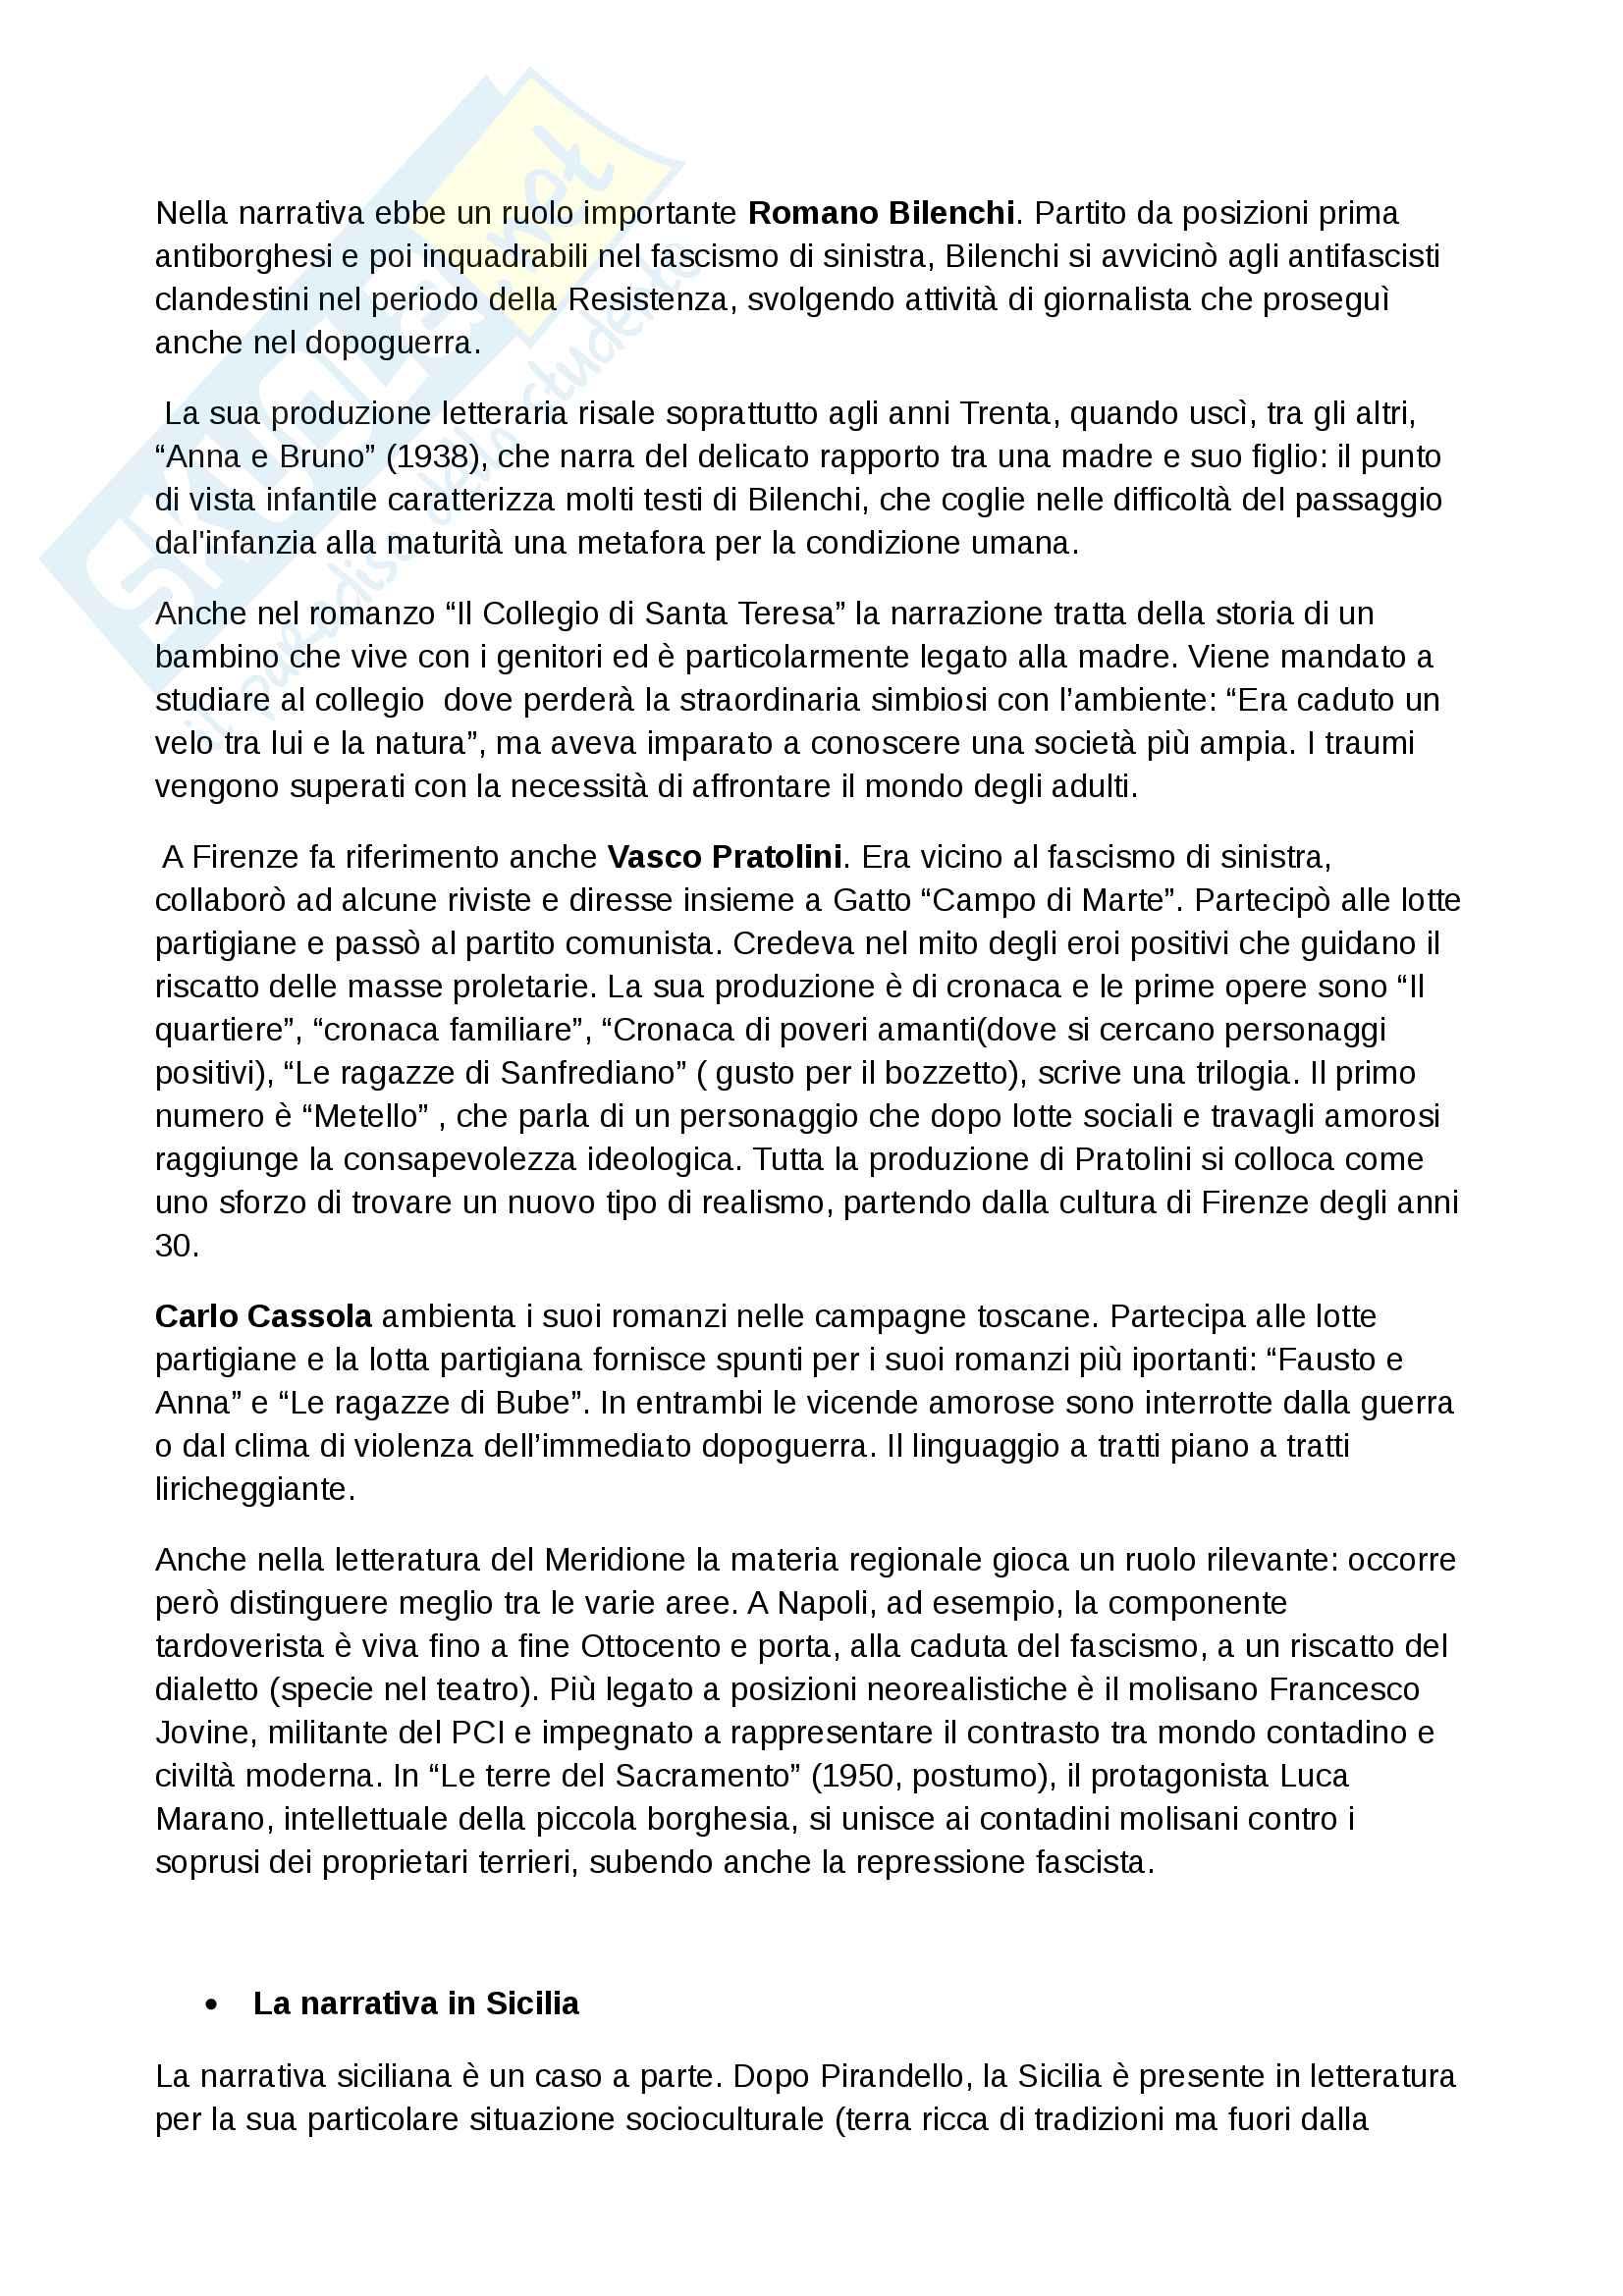 Riassunto di letteratura italiana contemporanea Pag. 11